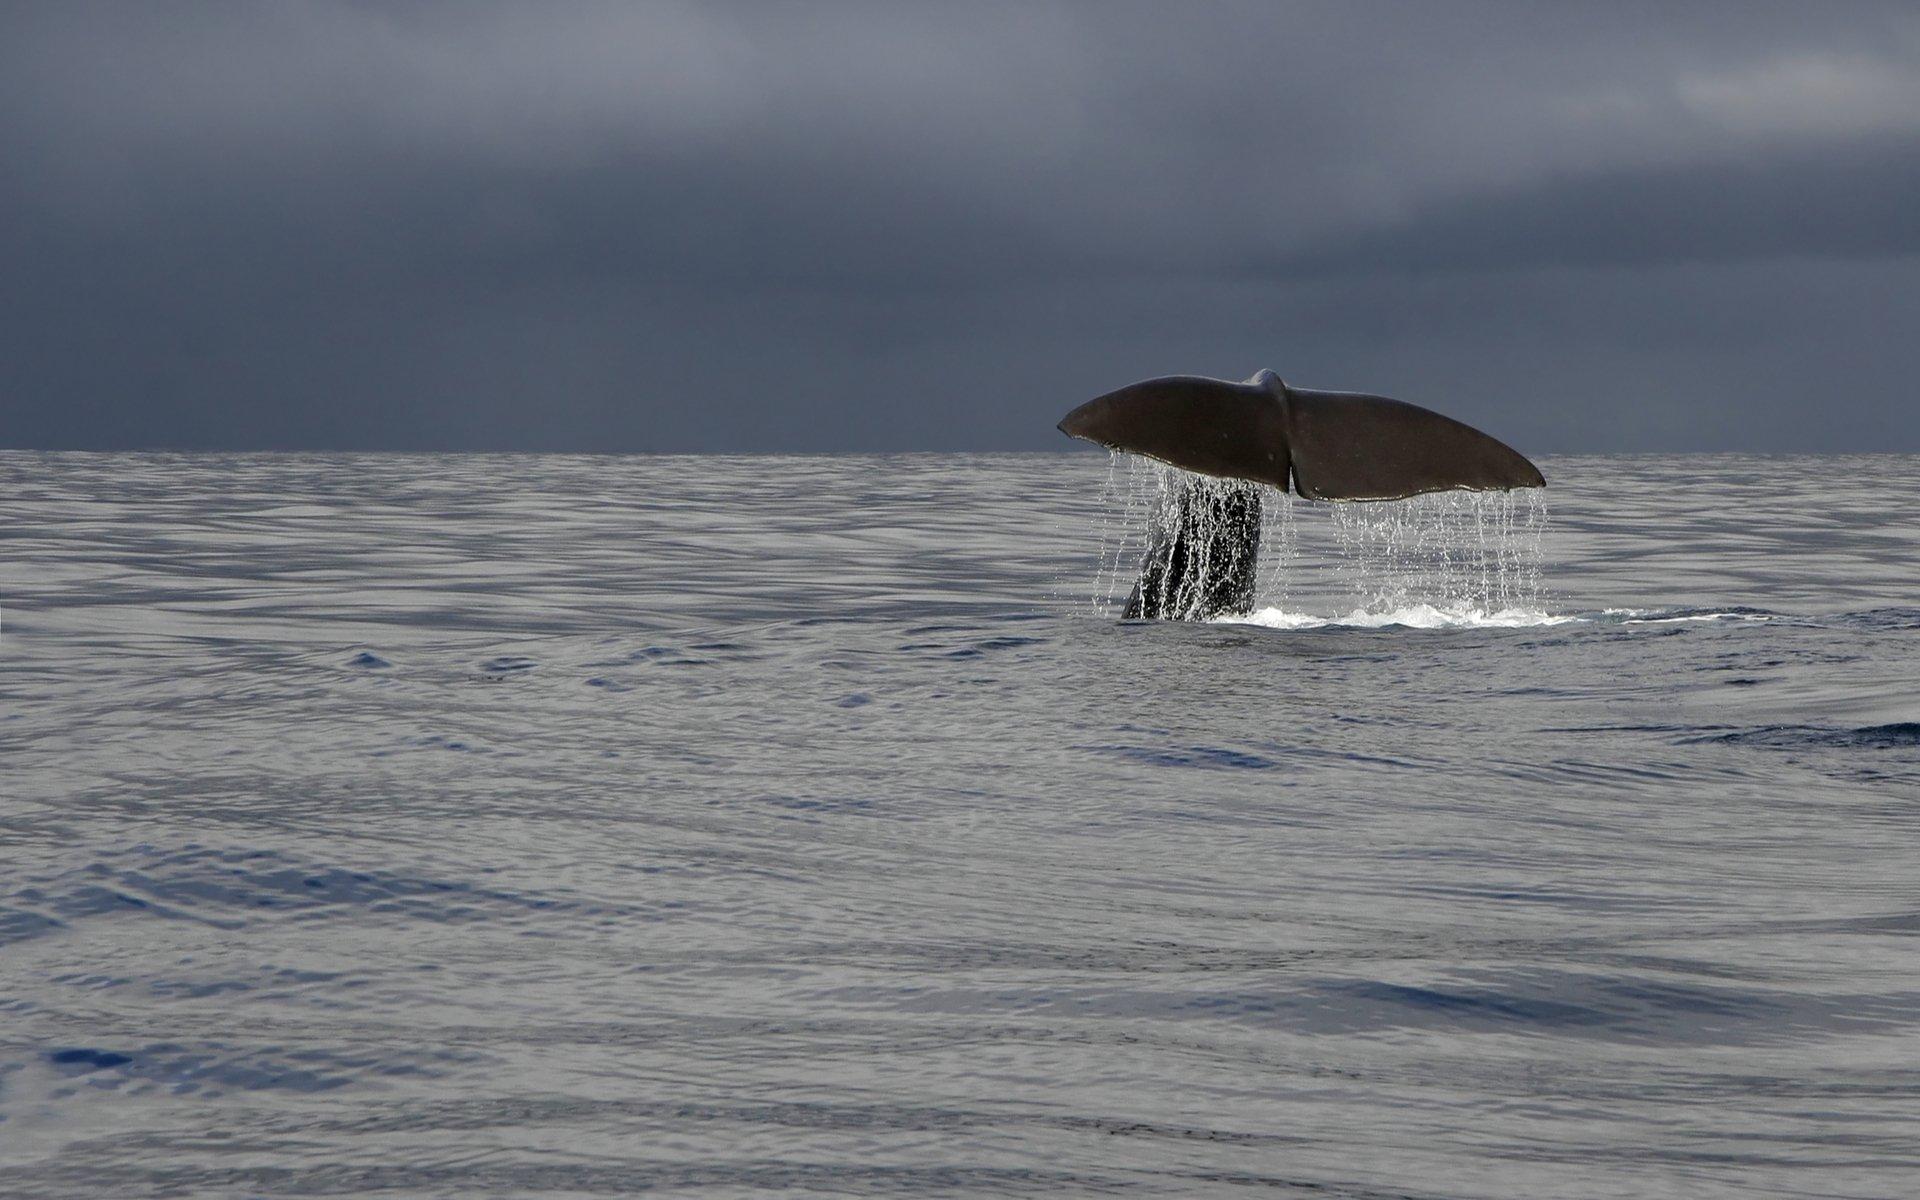 Bitcoin whale Hodl